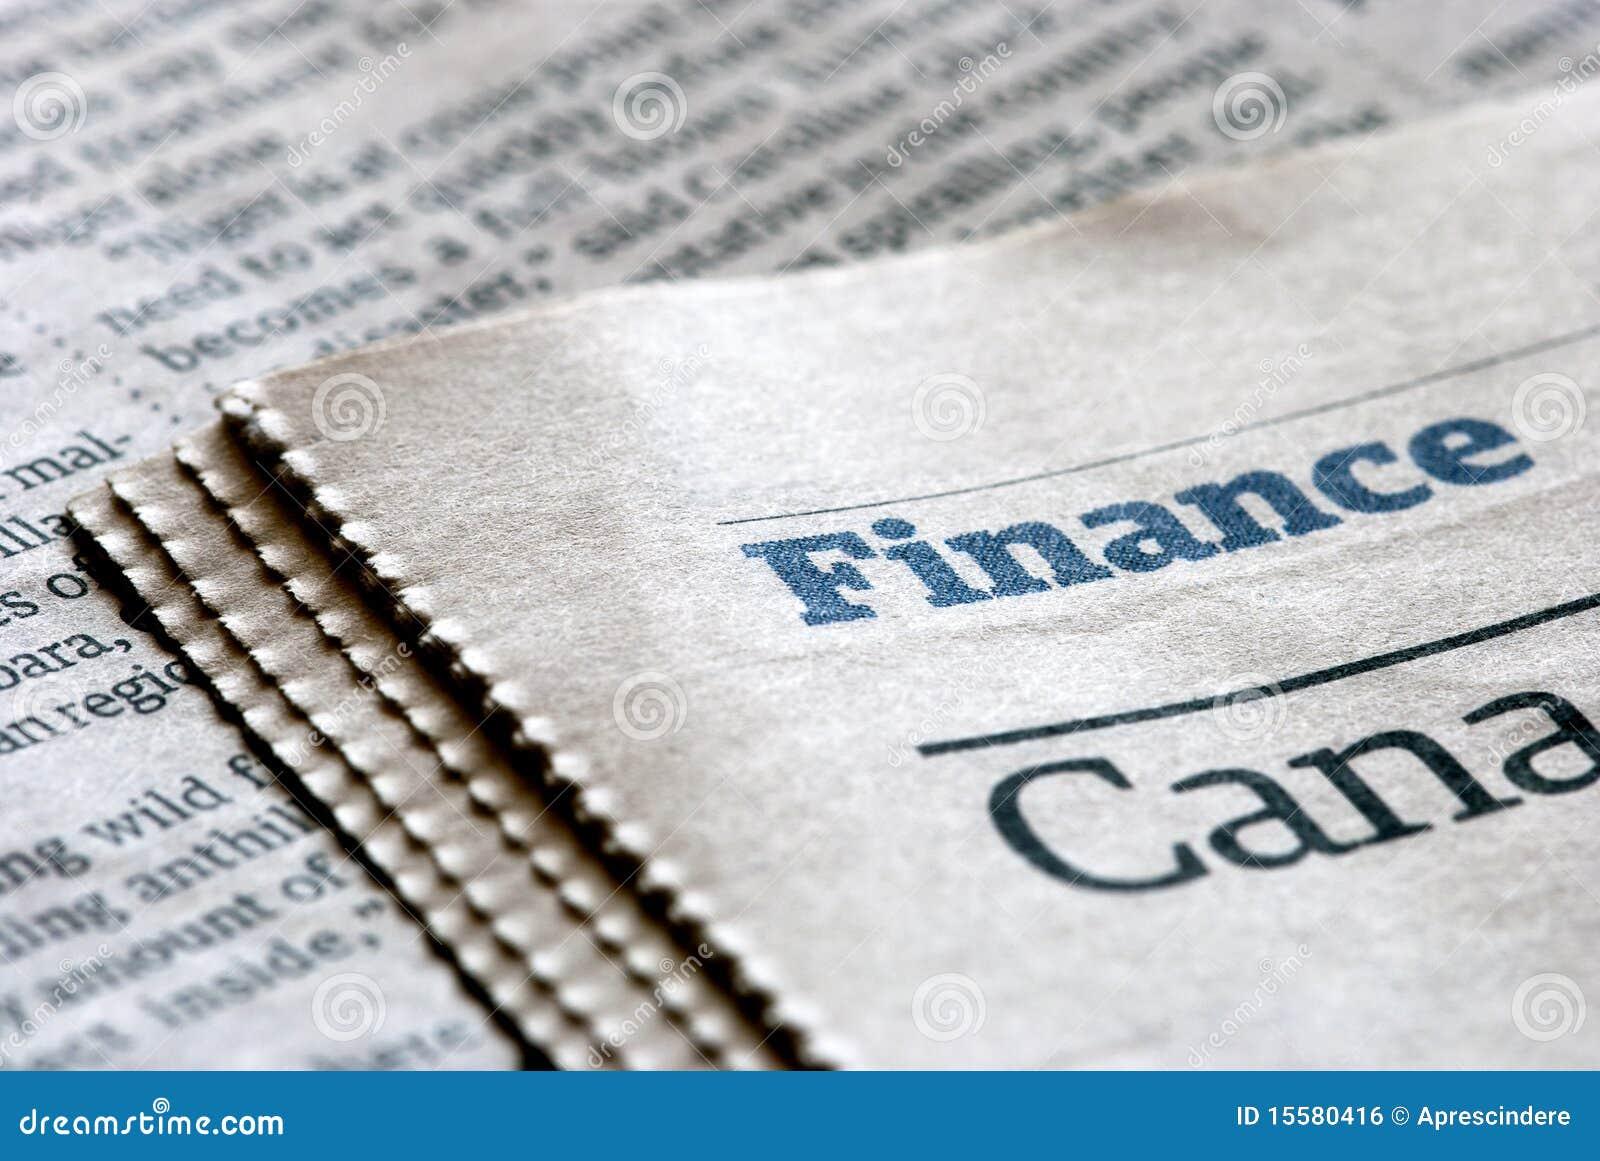 Notizie di finanze